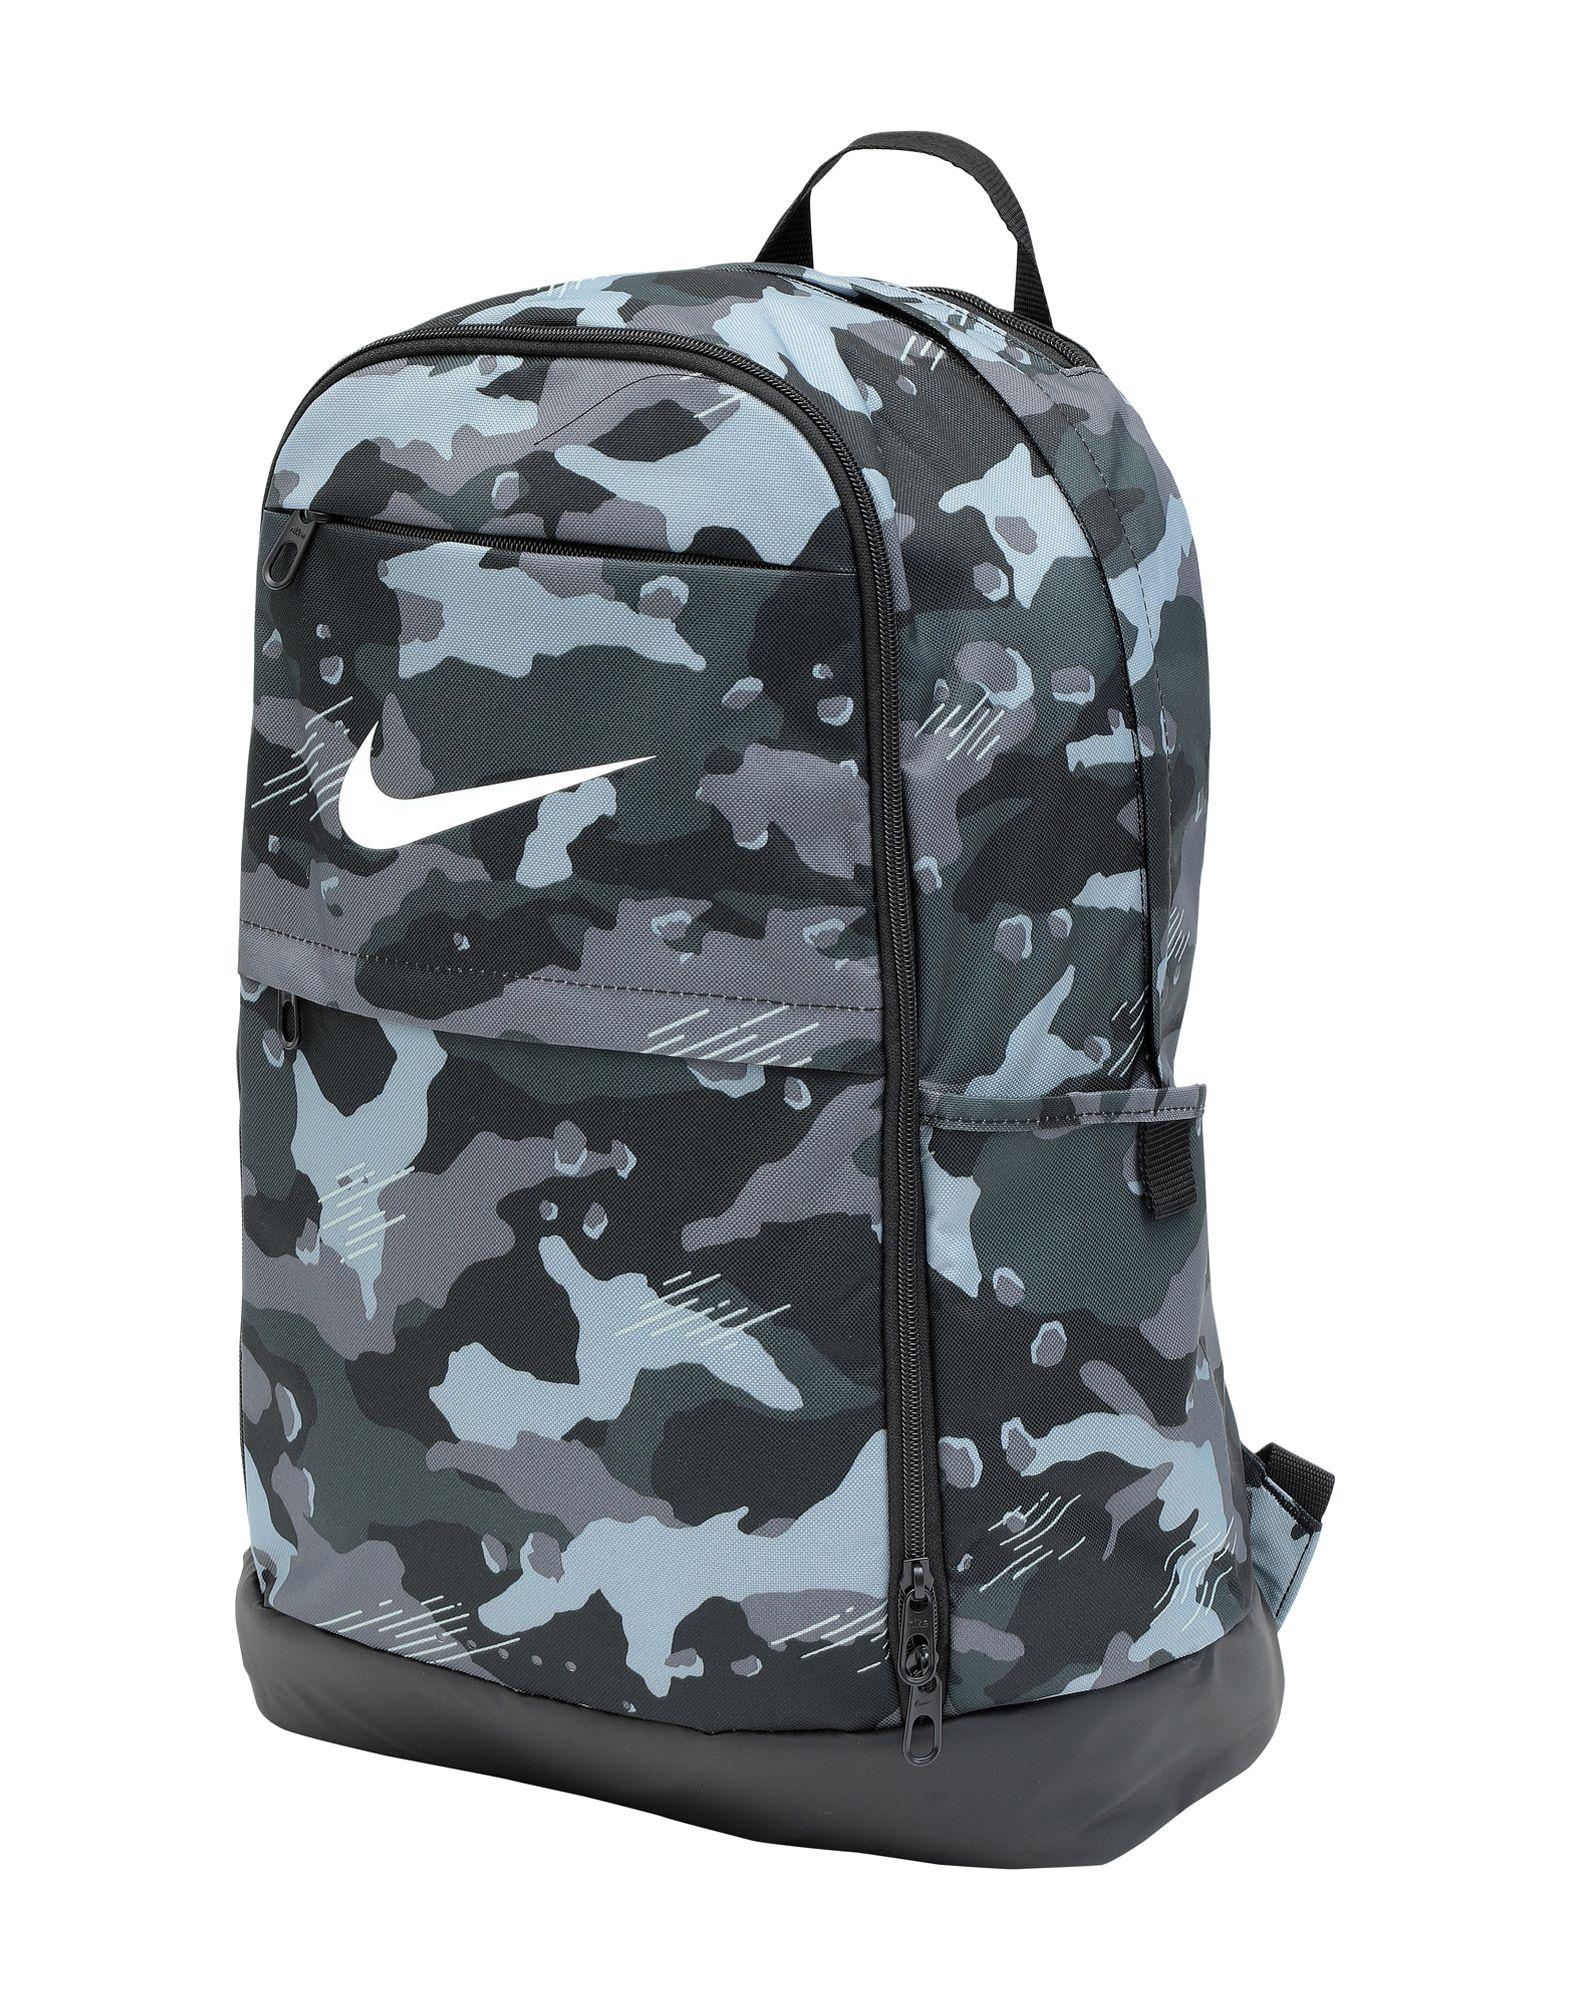 731a558af7 Nike Homme - Sacs Nike - YOOX